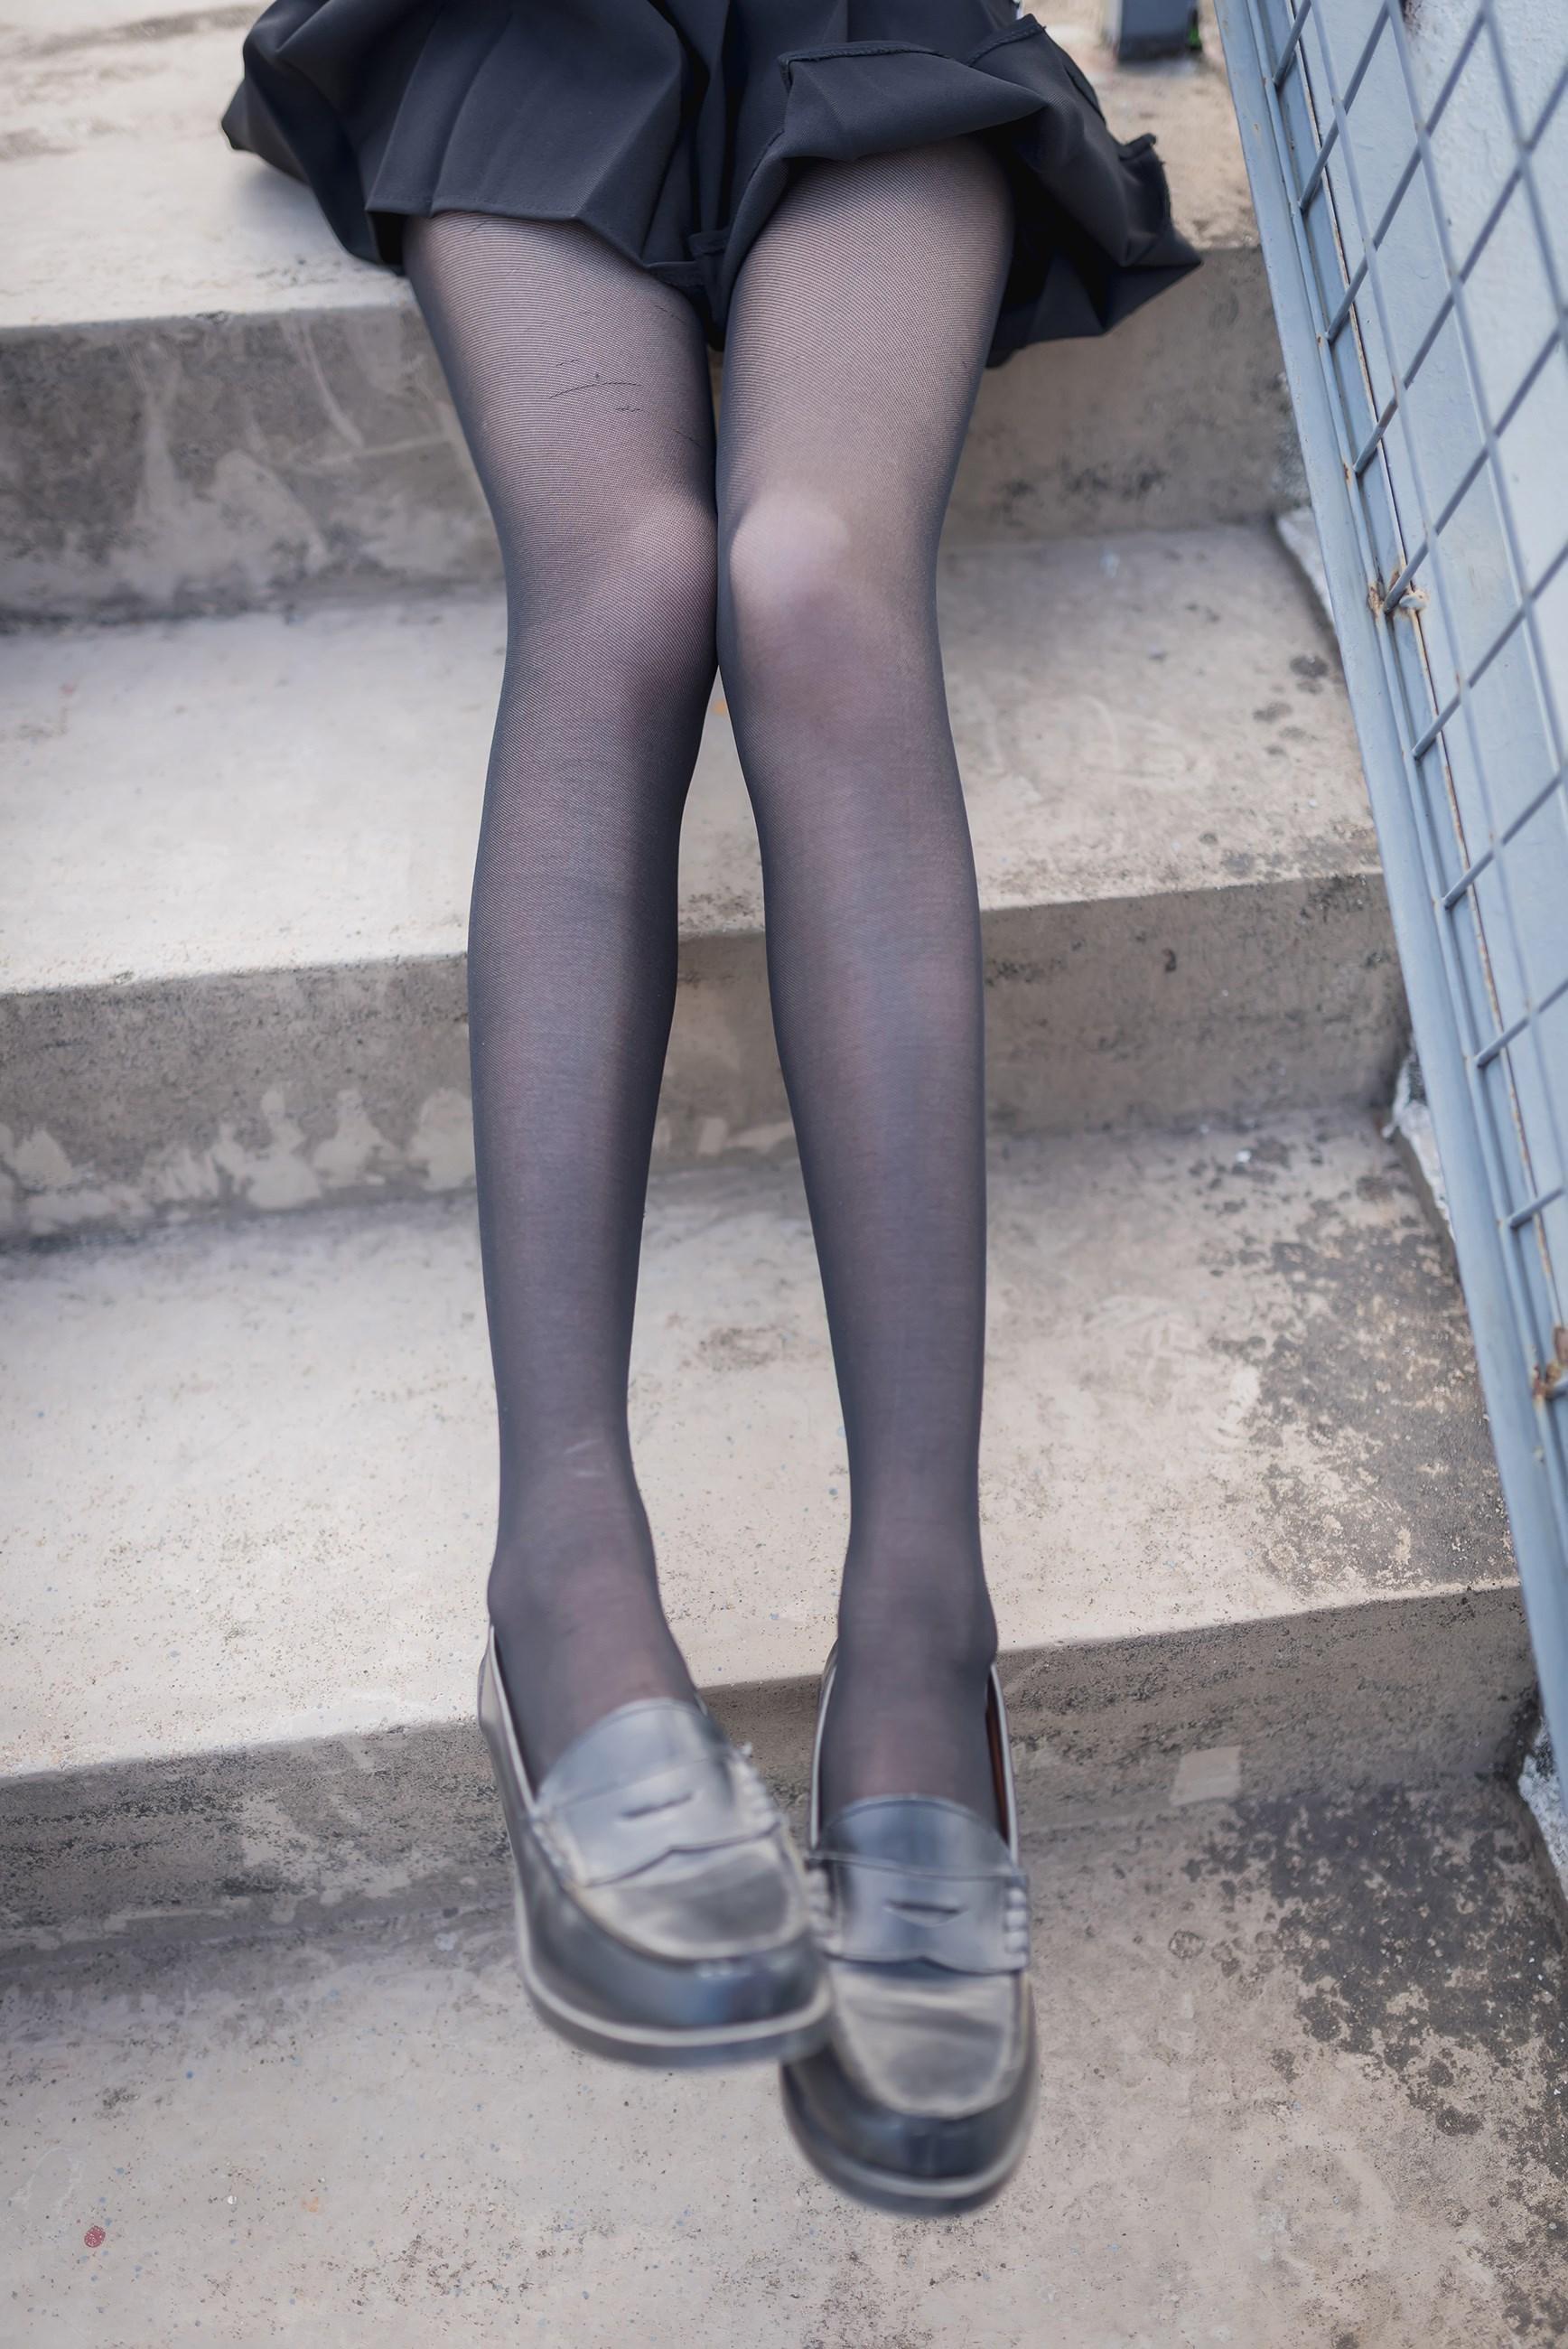 【兔玩映画】天台的黑丝少女 兔玩映画 第34张